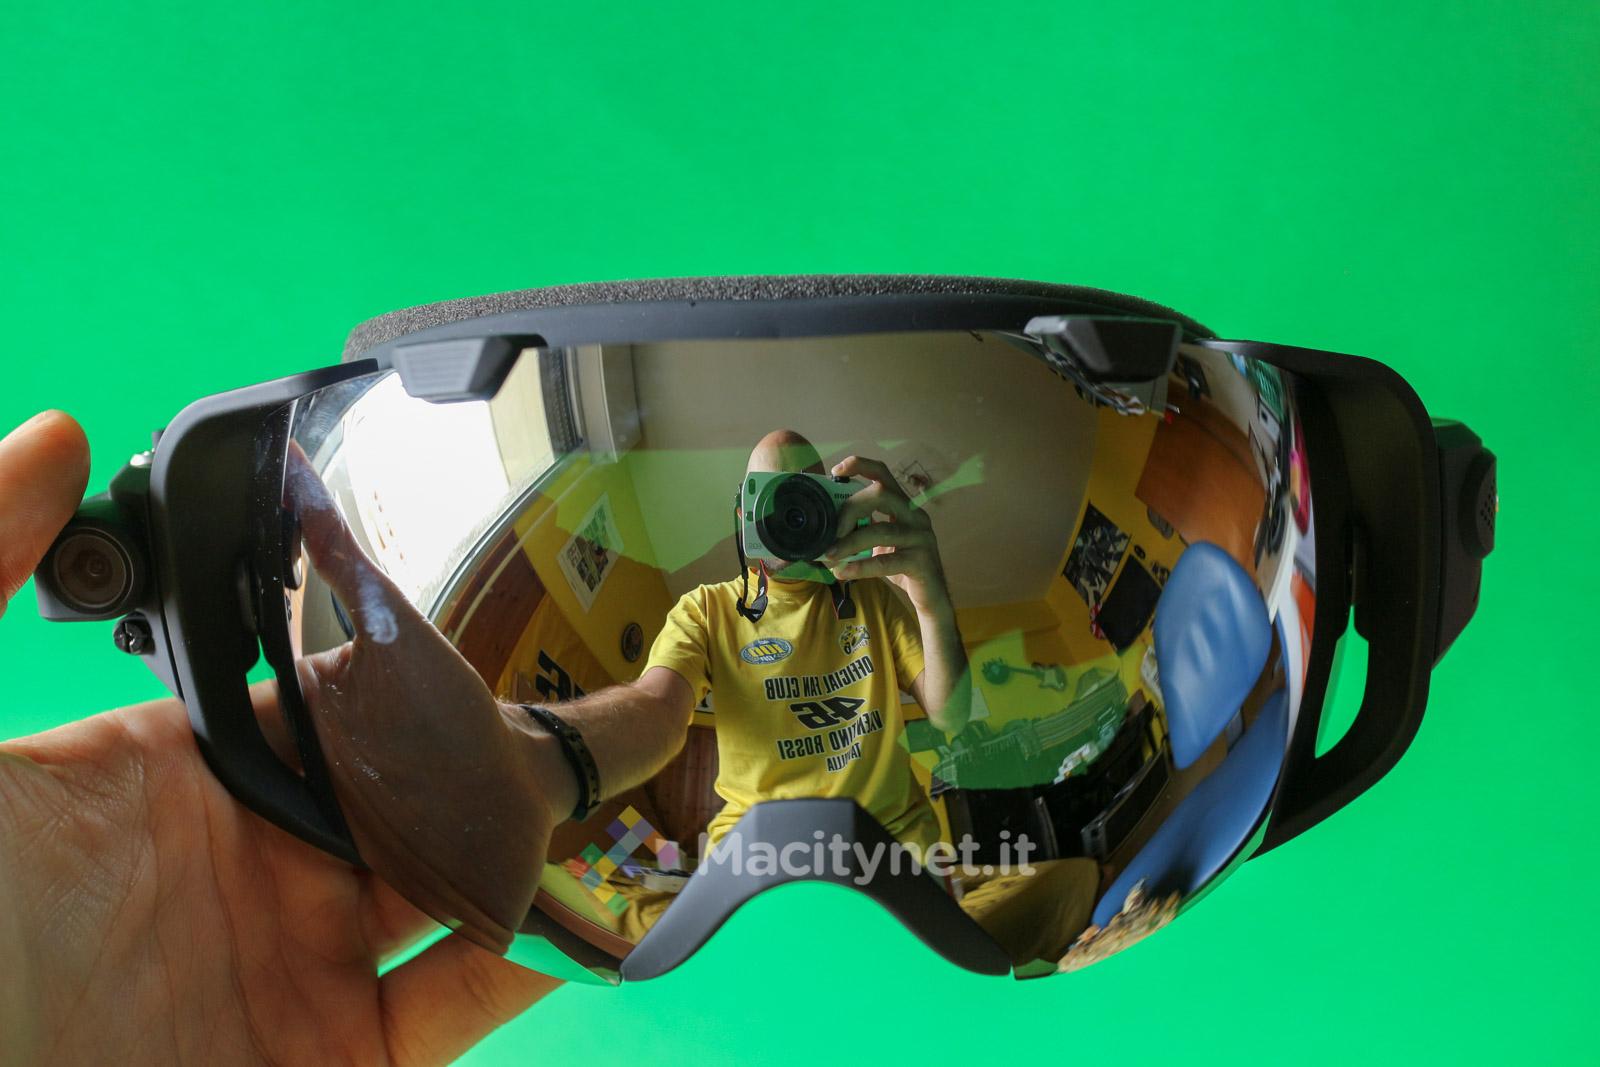 Recensione Mediacom SkiMask HD, la maschera da snowboard con action camera integrata